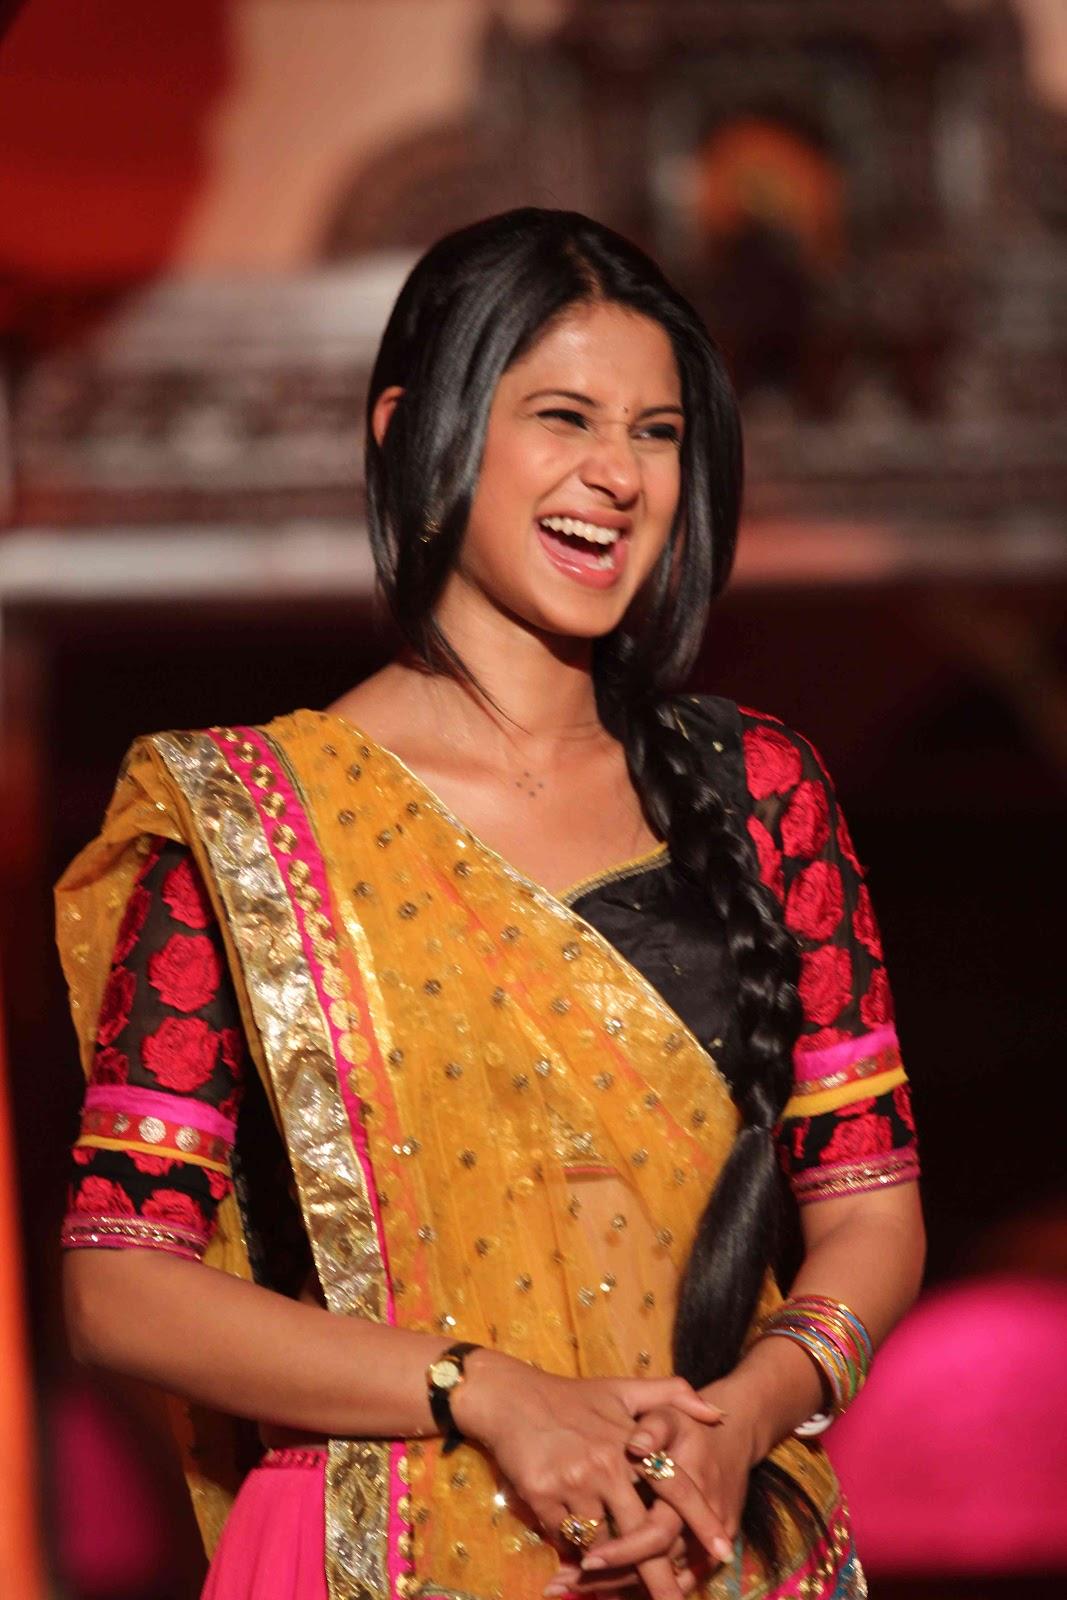 Saraswatichandra serial episode 2 april 2013 / Comedy shows